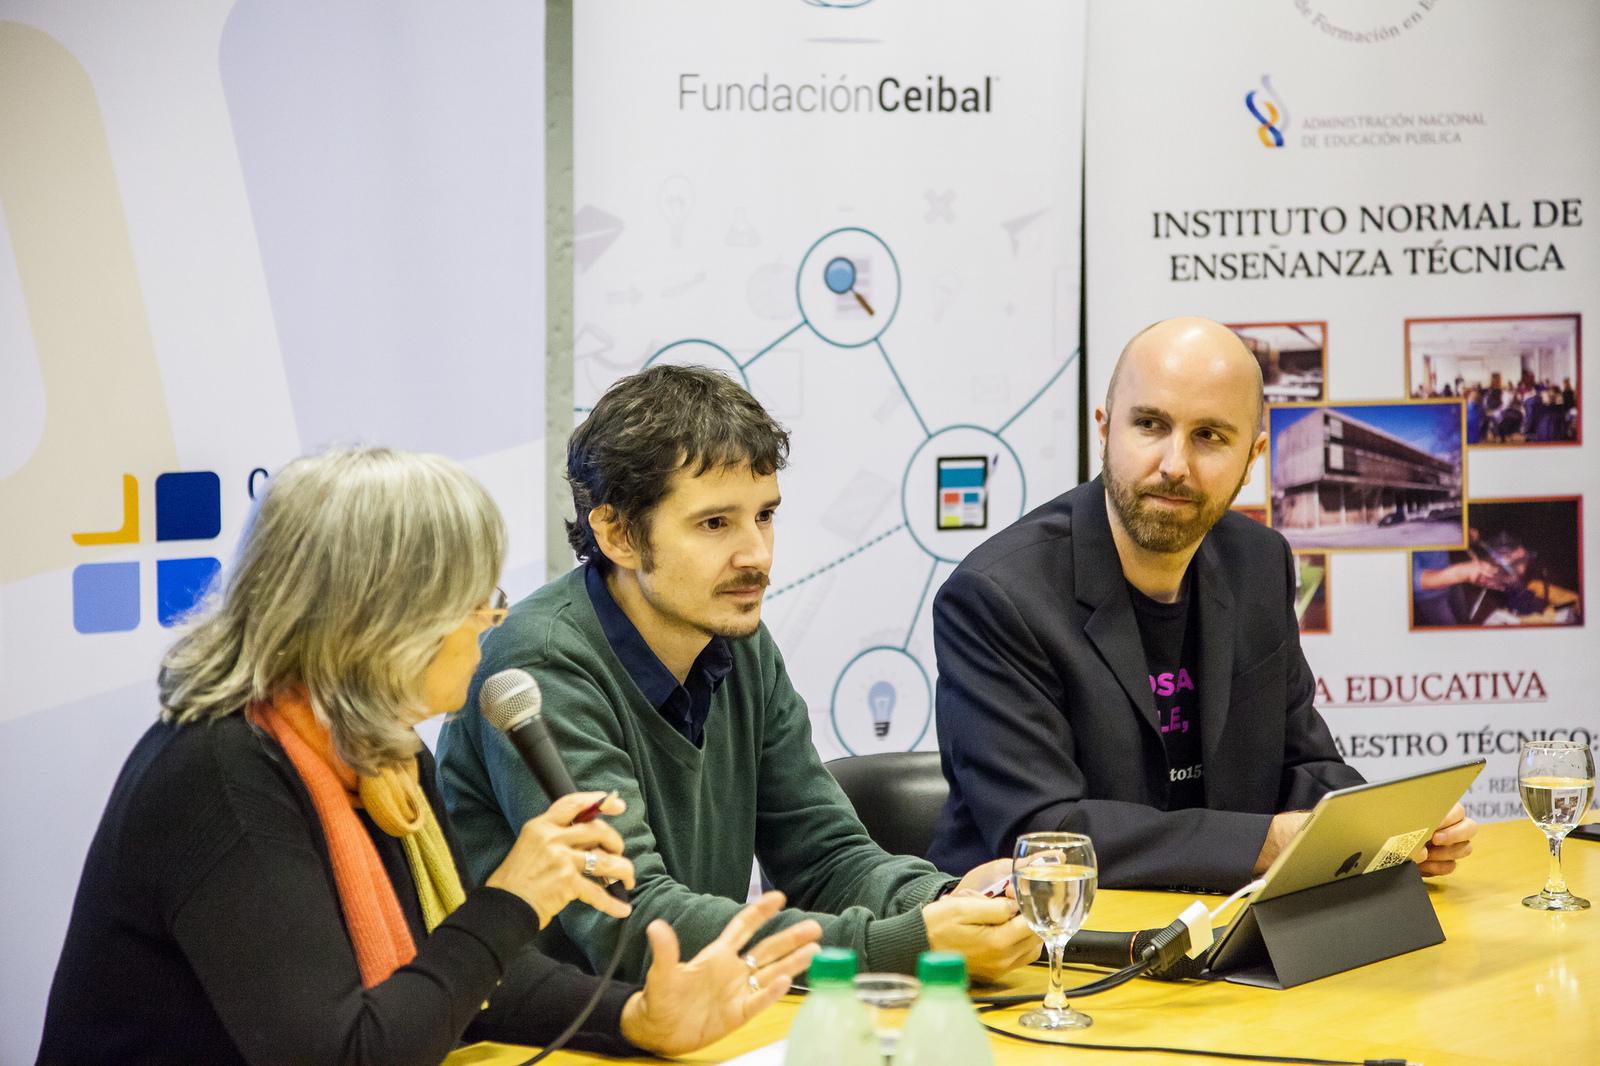 John Moravec en la inauguración de la charla junto a María Dibarboure del Consejo de Formación Docente y Cristóbal Cobo de la Fundación Ceibal.